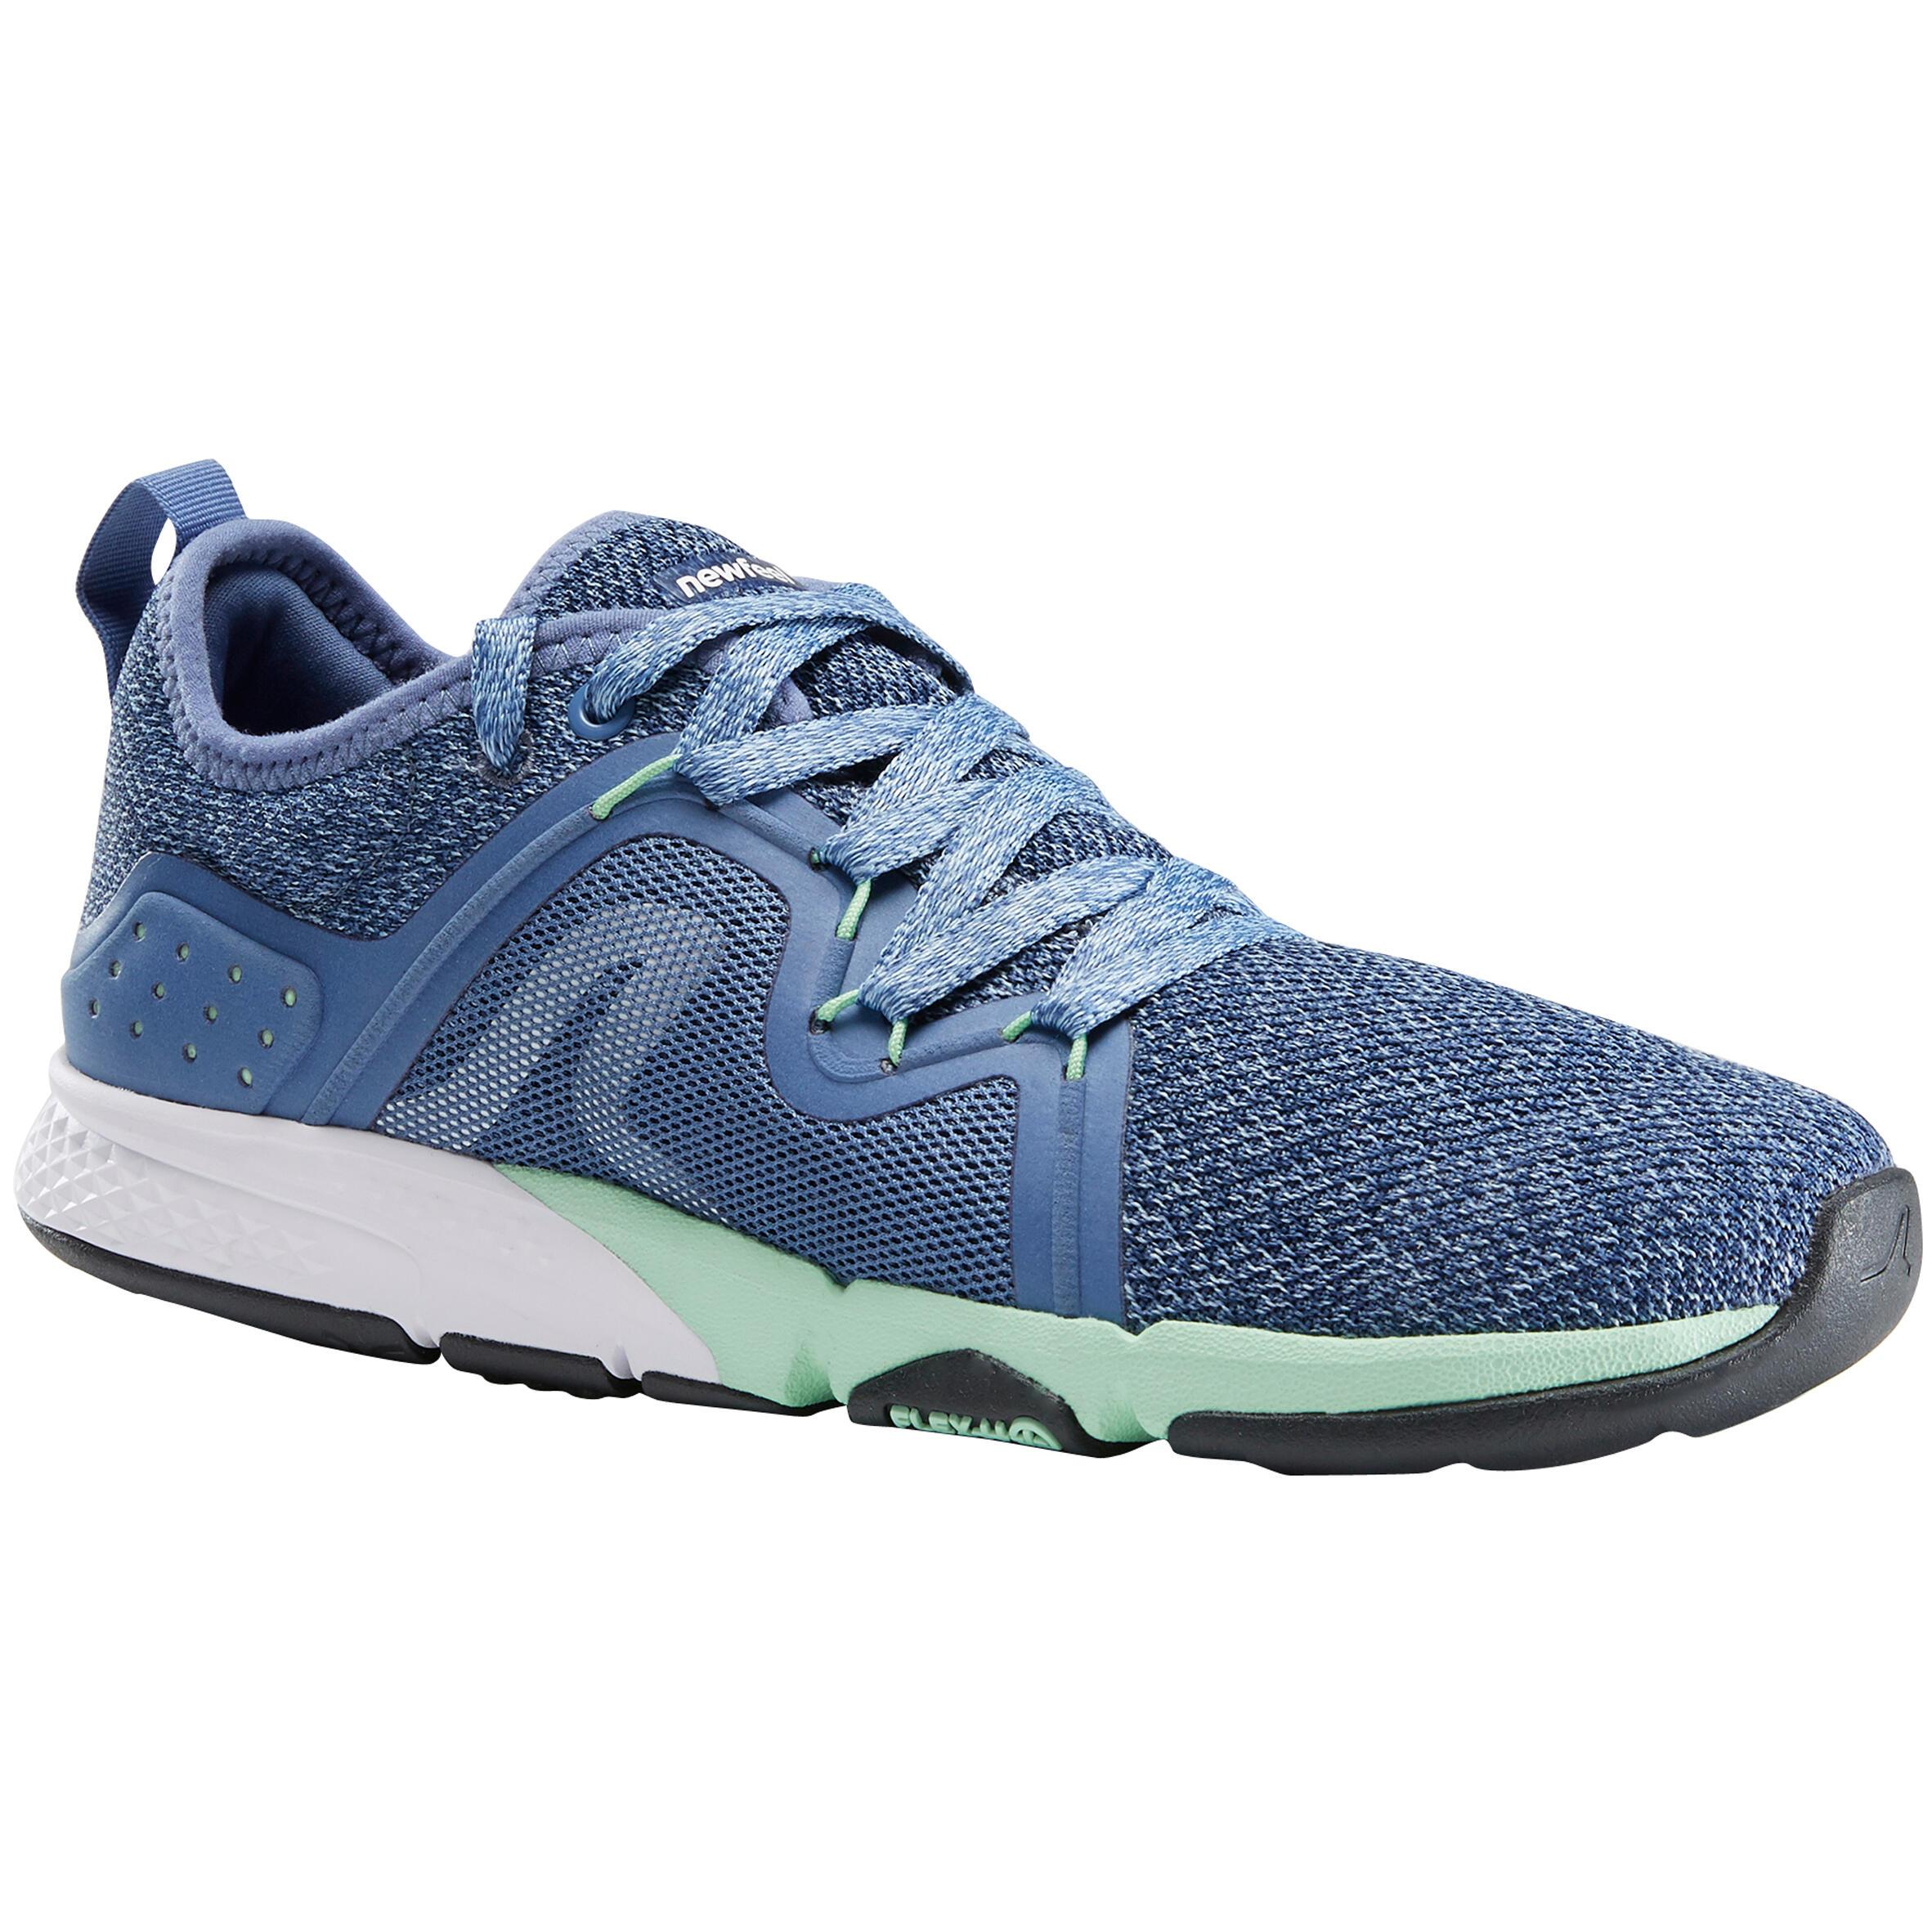 Buy PW 540 Walking Shoes for Women